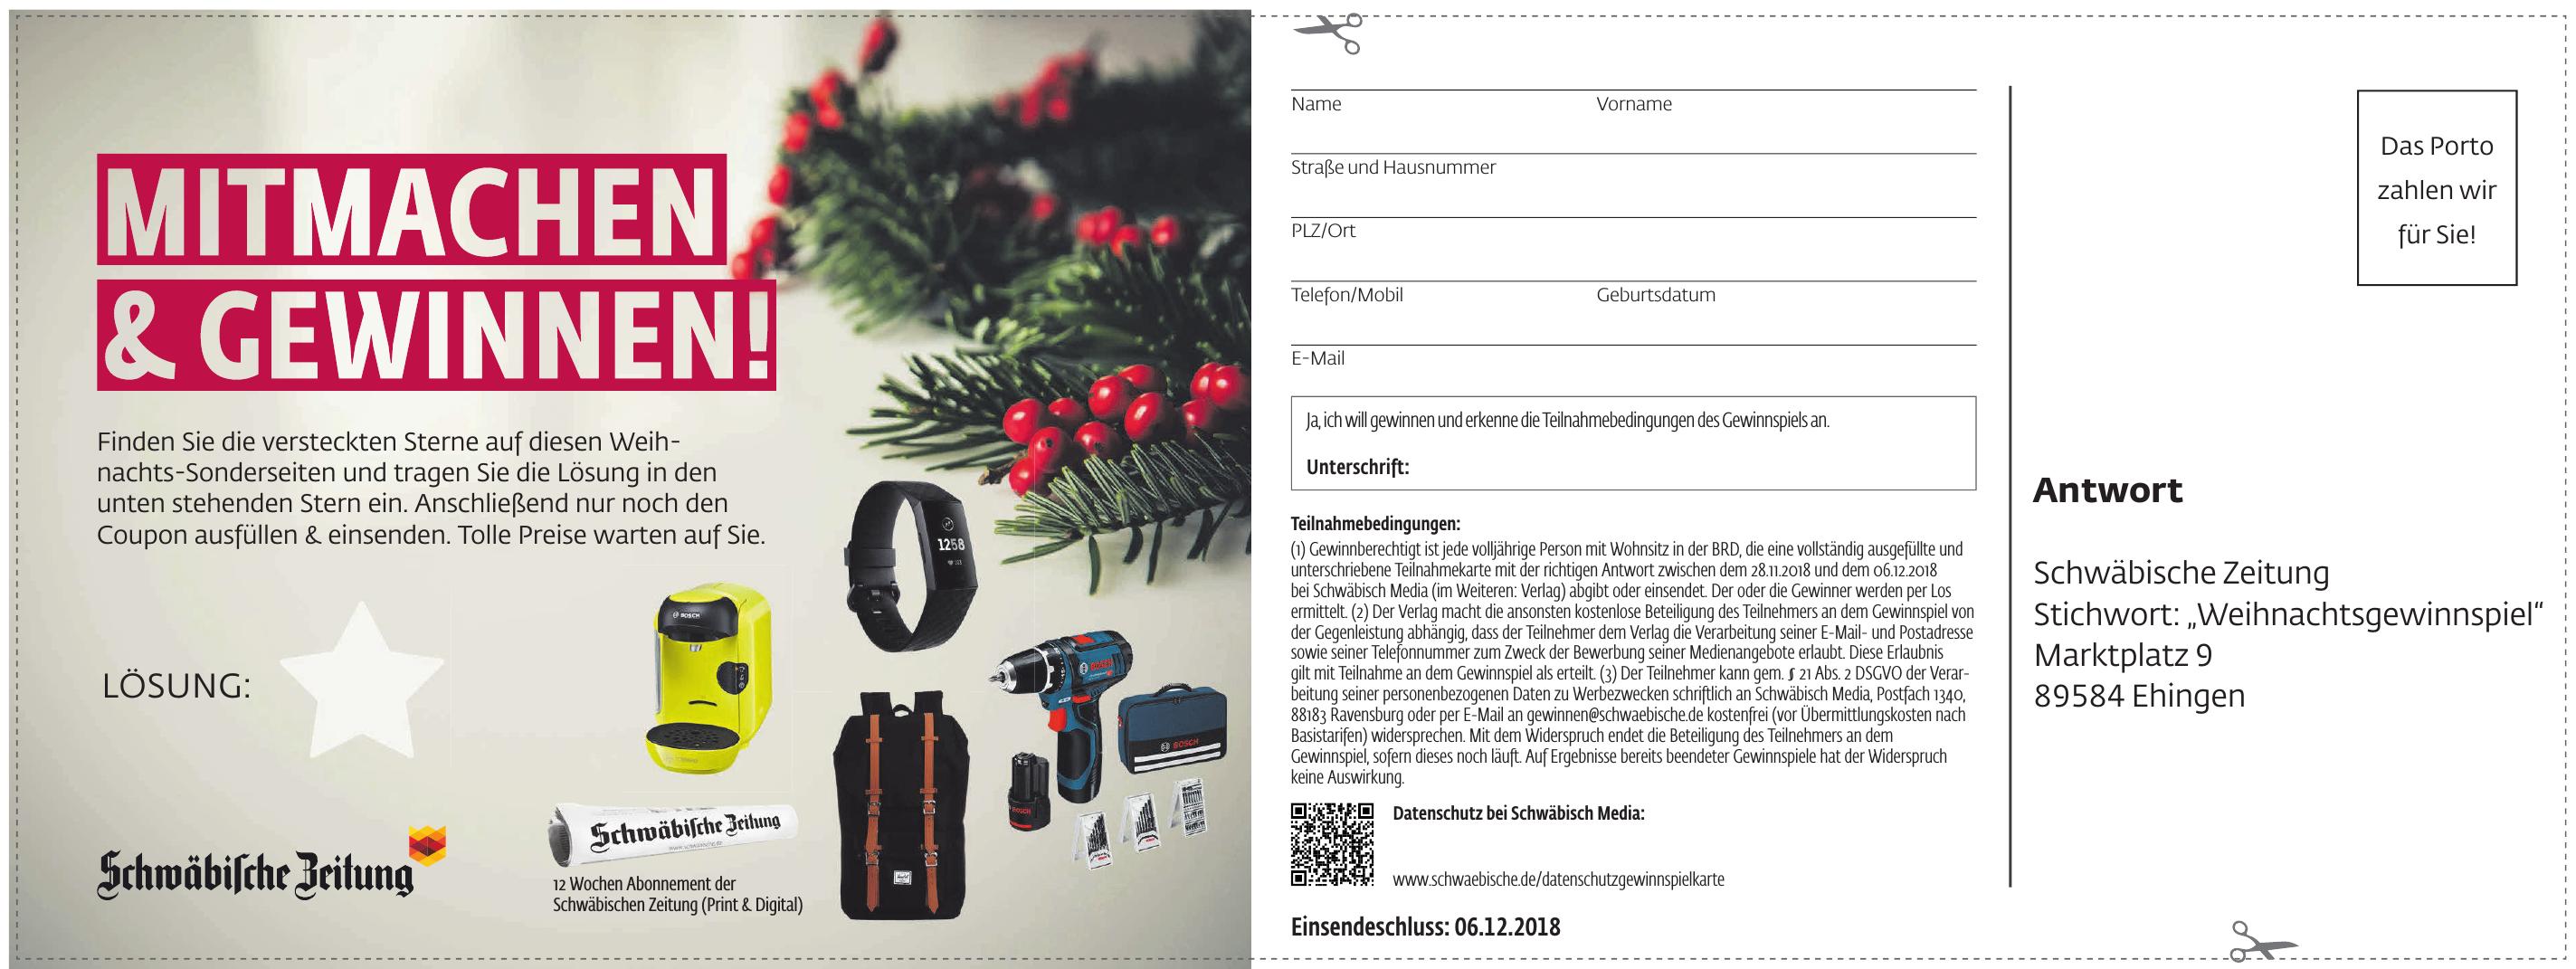 """Schwäbische Zeitung """"Weihnachtsgewinnspiel"""""""